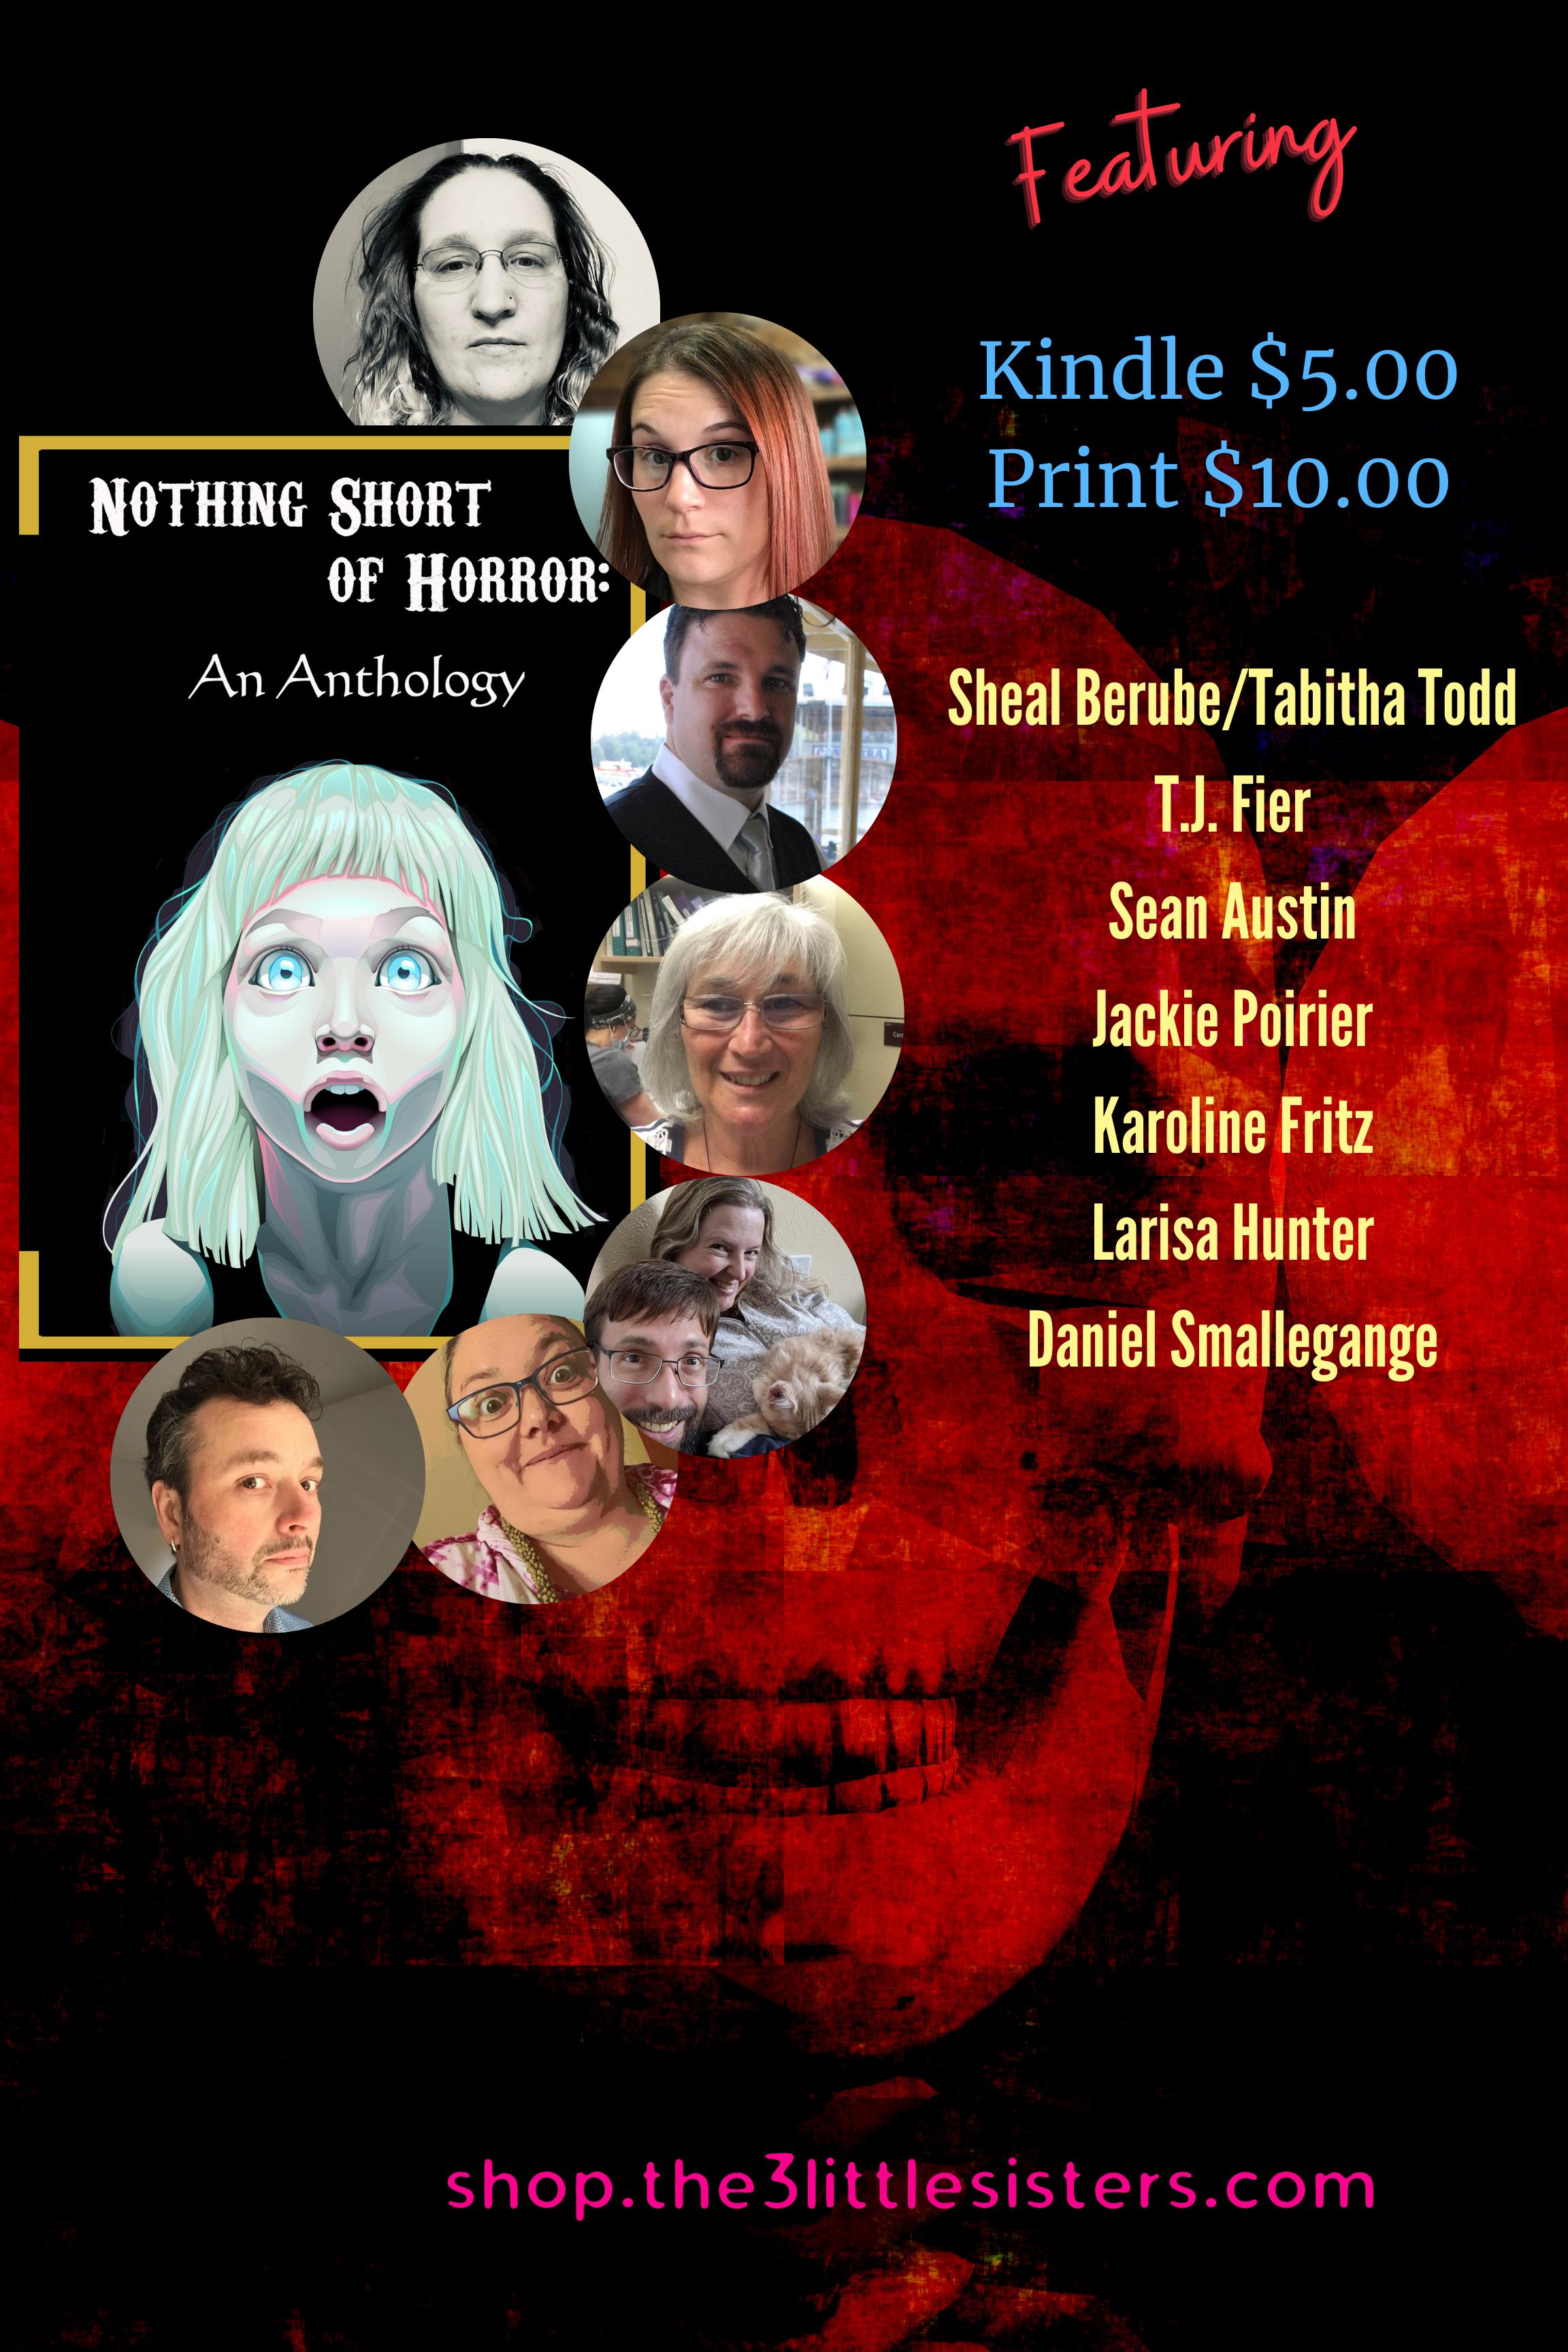 Nothing Short of Horror Anthology